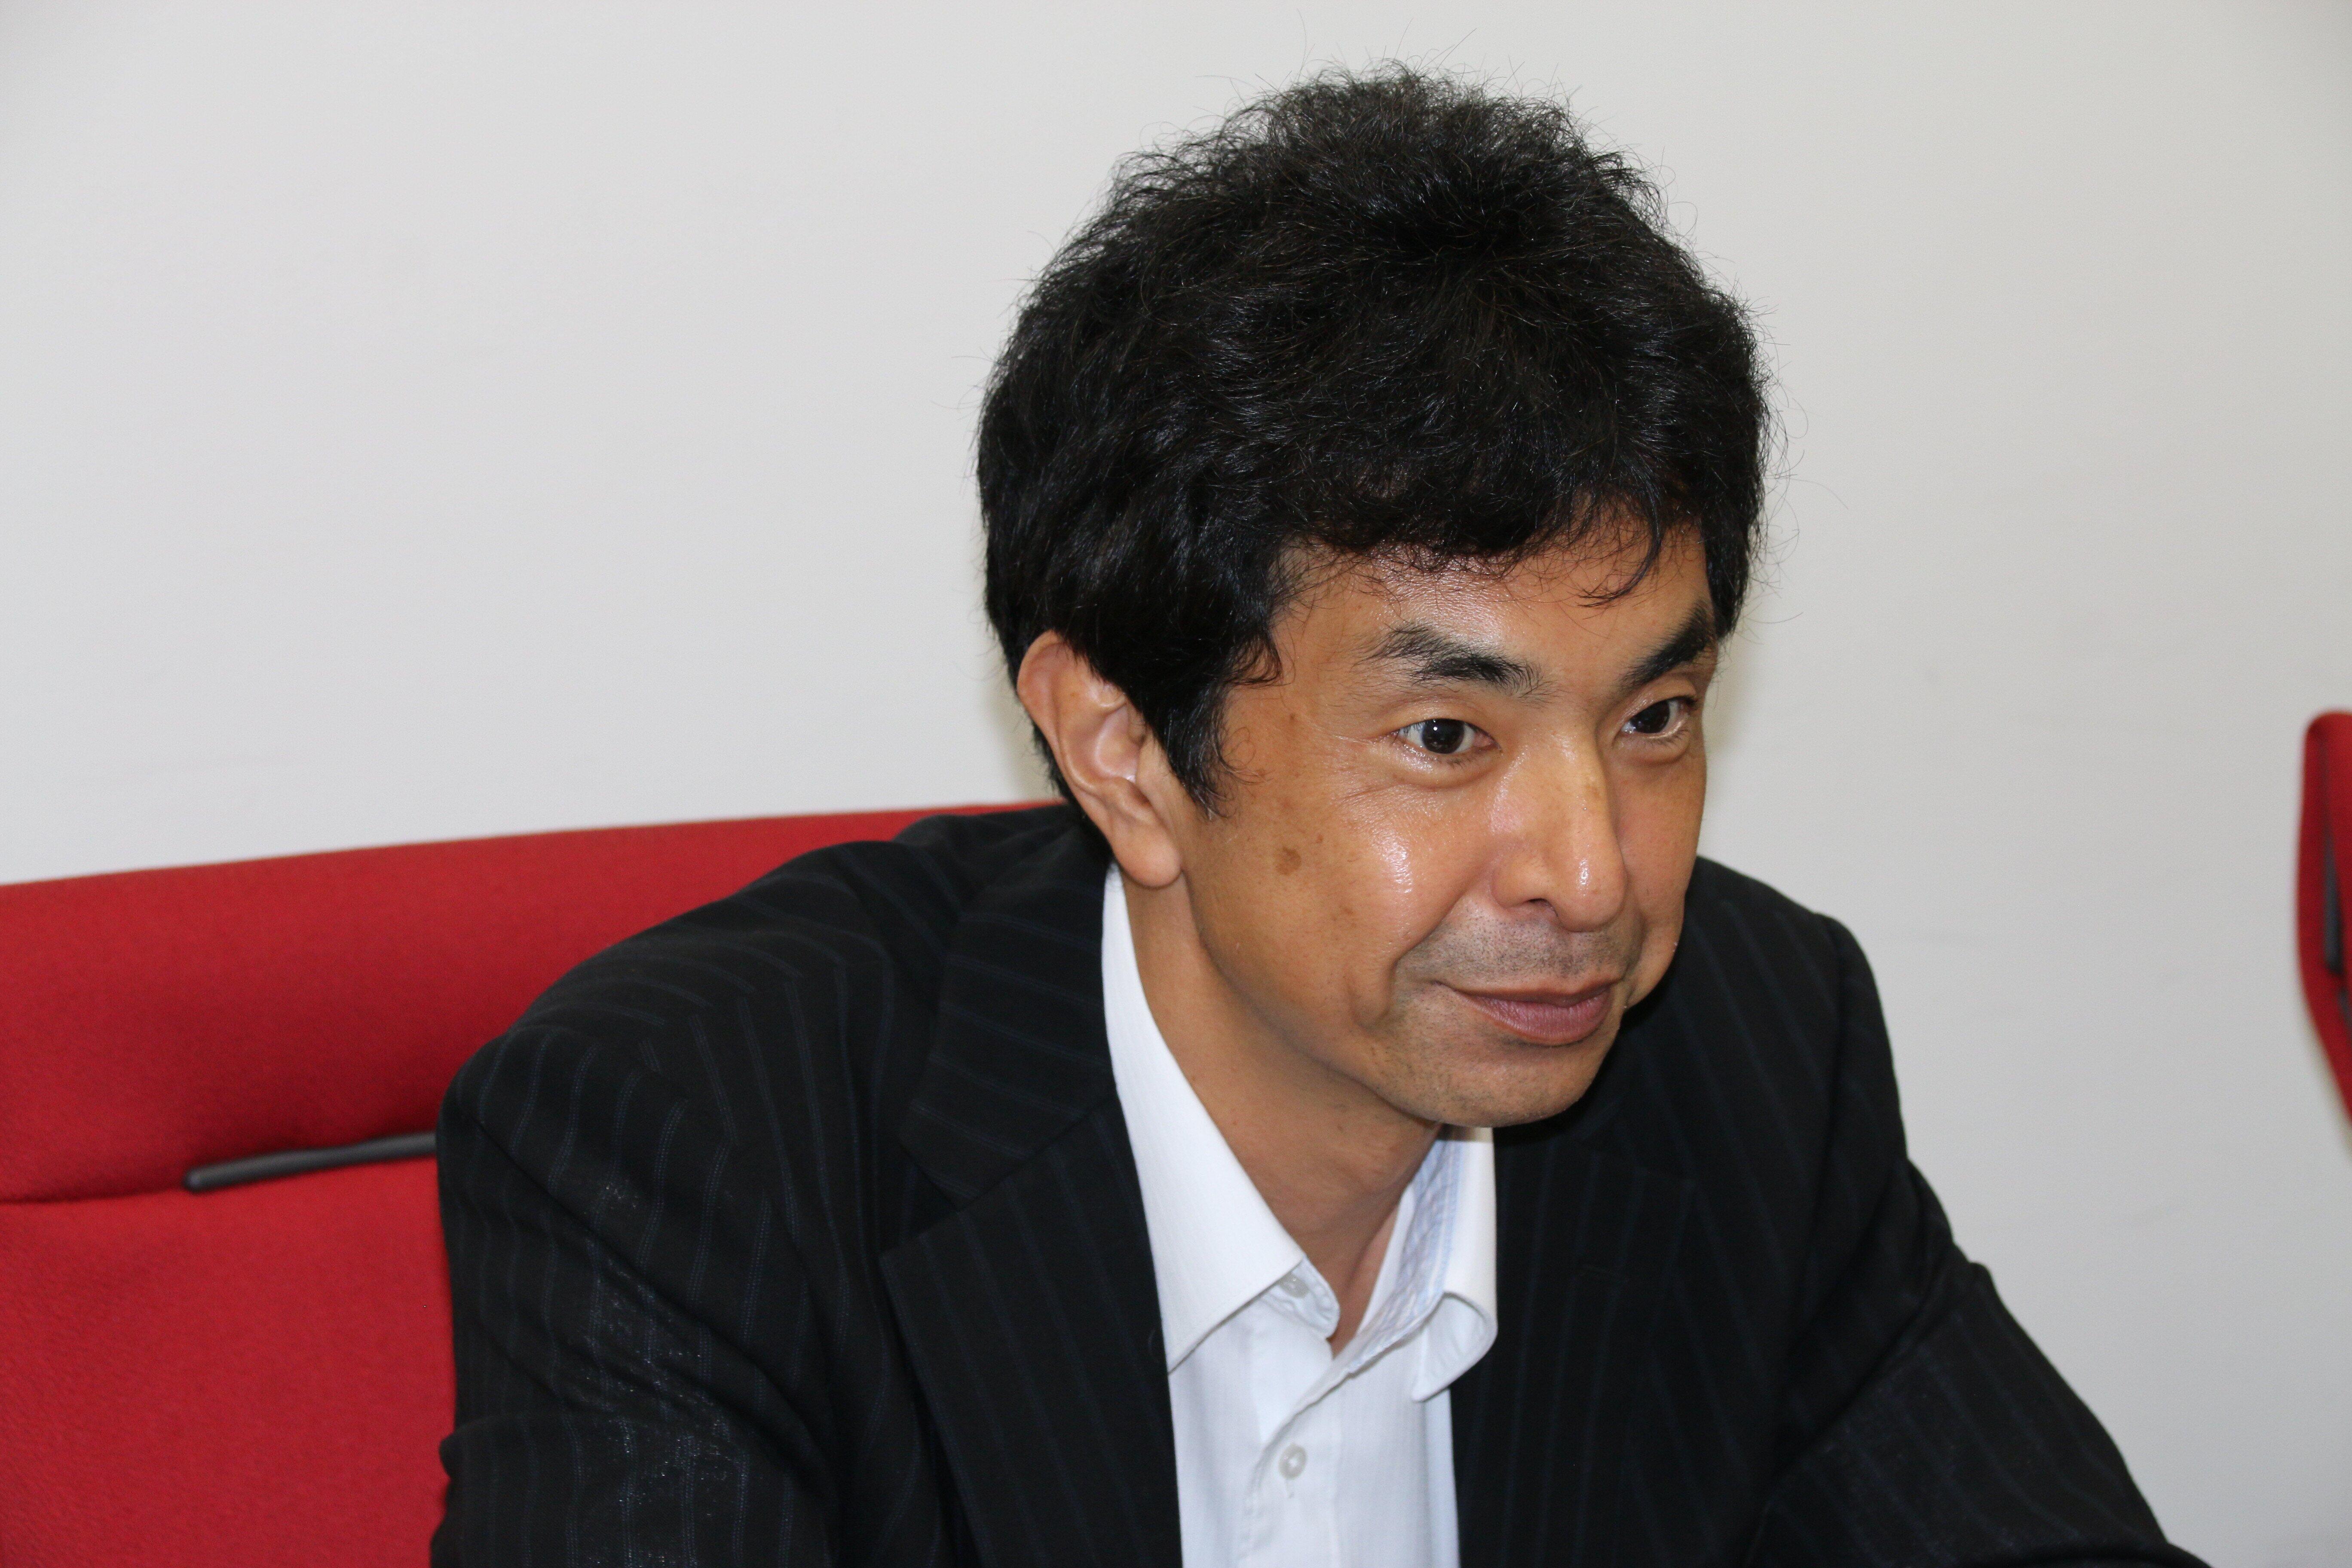 「インターンシップでは営業担当を一緒に取引先を周ってもらいました」と、指導に当たった竹本氏は話す。